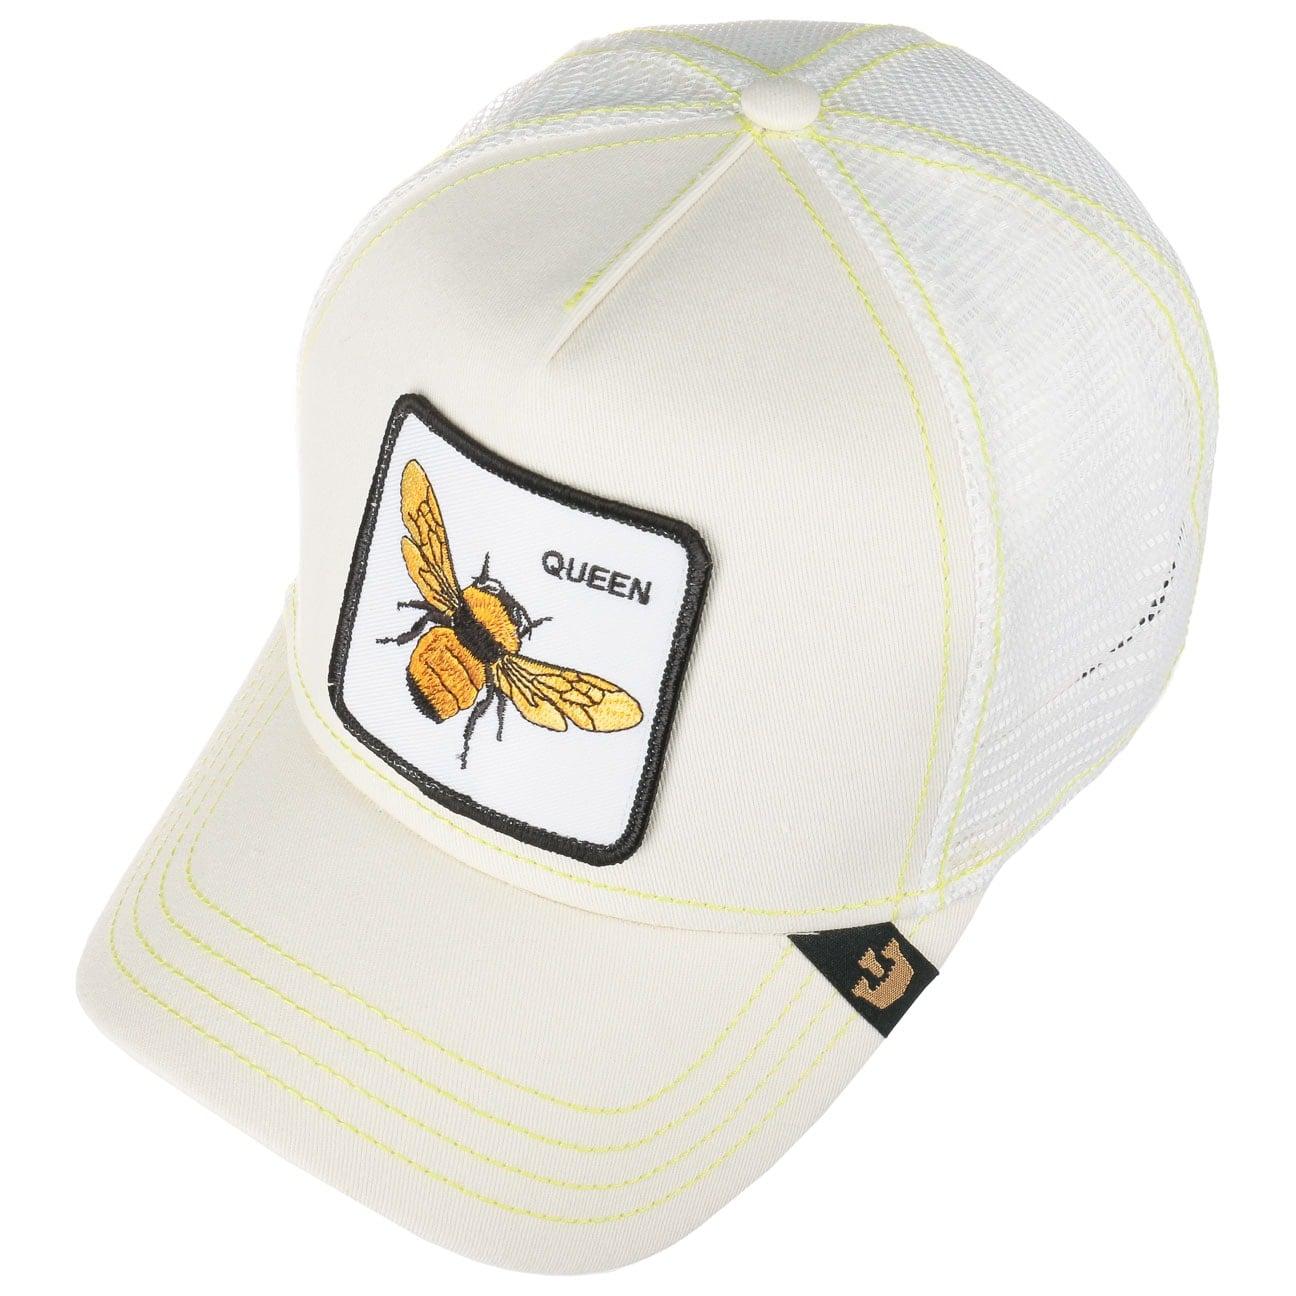 Queen Bee Truckercap by Goorin Bros. Start Damen Caps Baseballcaps f3e3b0a454c